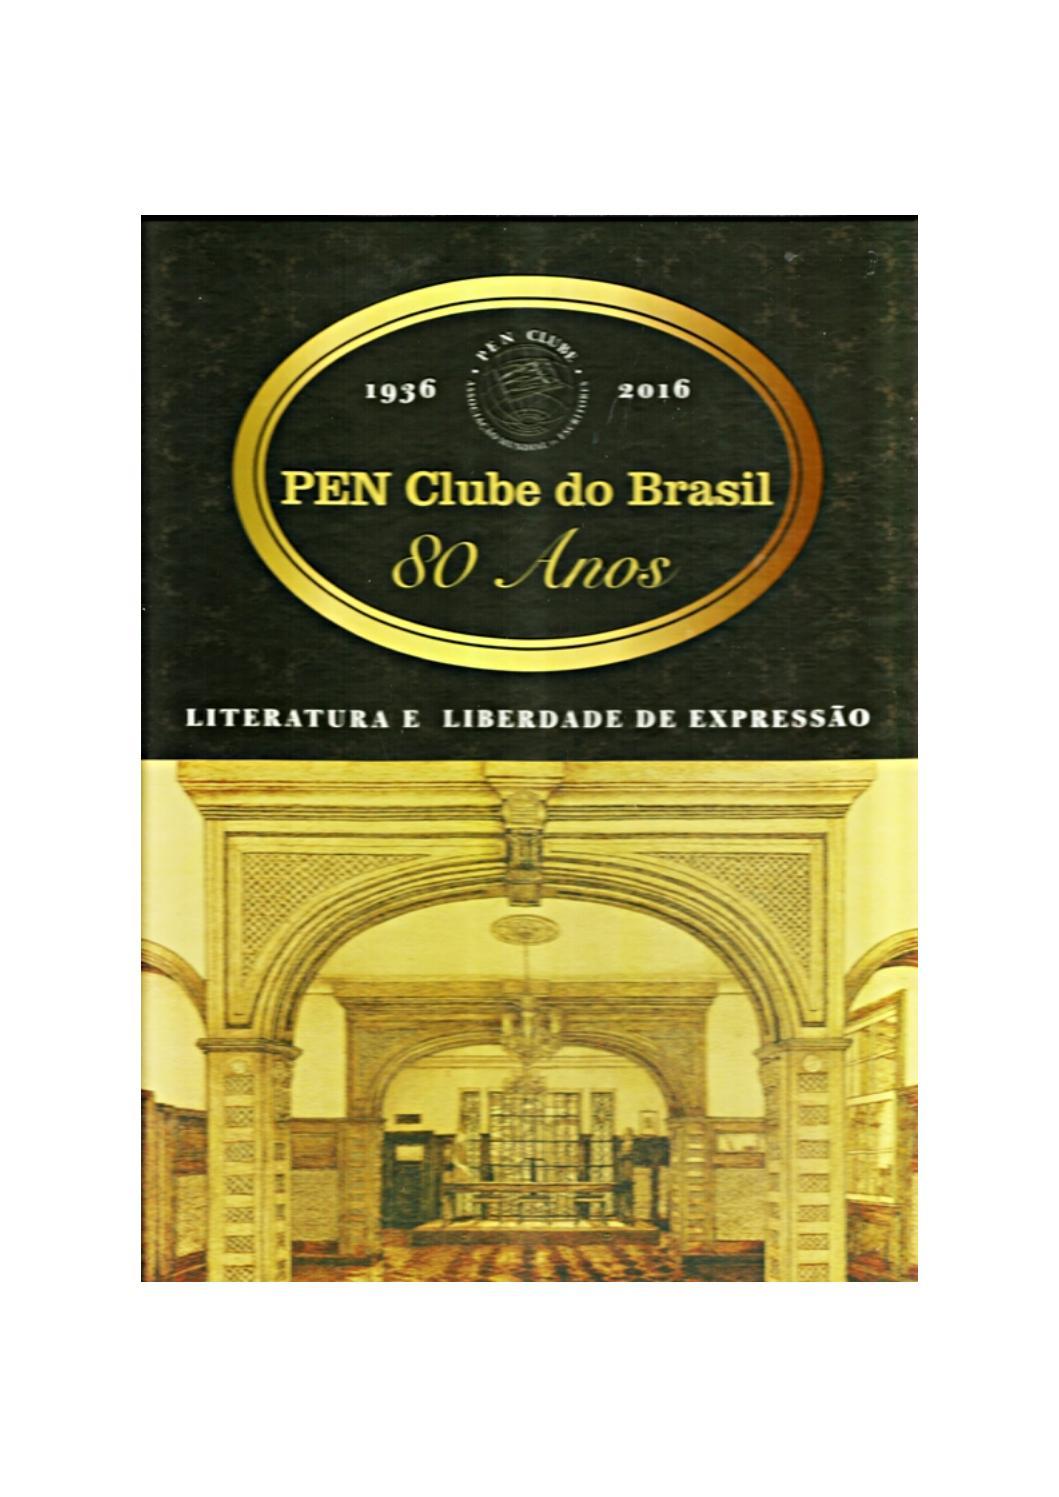 Livro comemorativo dos 80 anos de fundao do pen clube do brasil by livro comemorativo dos 80 anos de fundao do pen clube do brasil by pen clube do brasil issuu fandeluxe Gallery